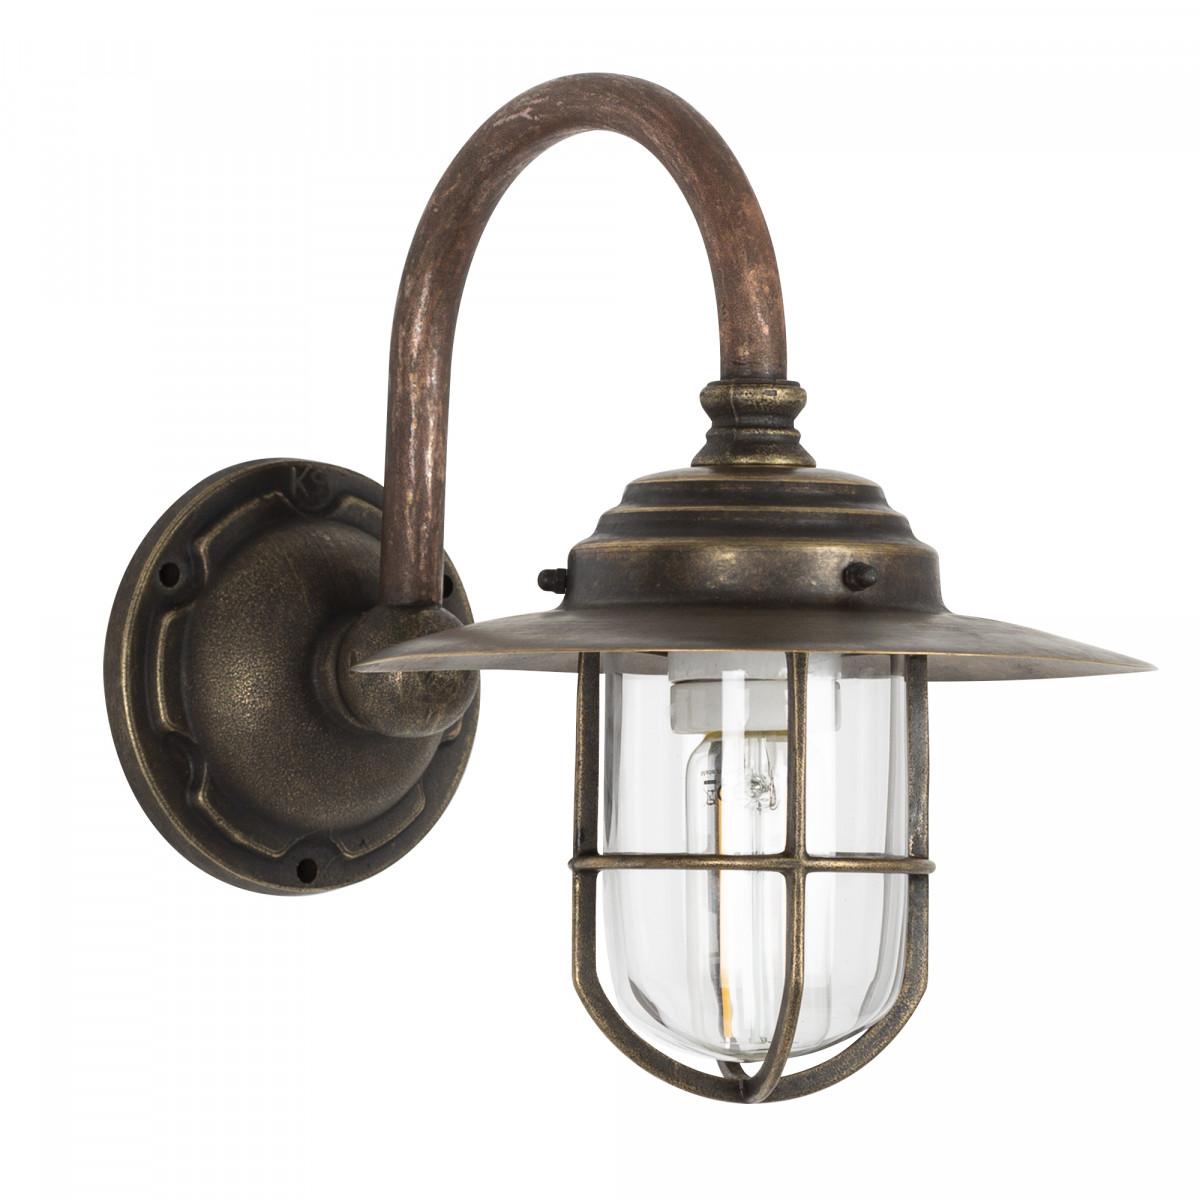 Außenlampe - Hofleuchte KS Barro Kupfer & Bronze